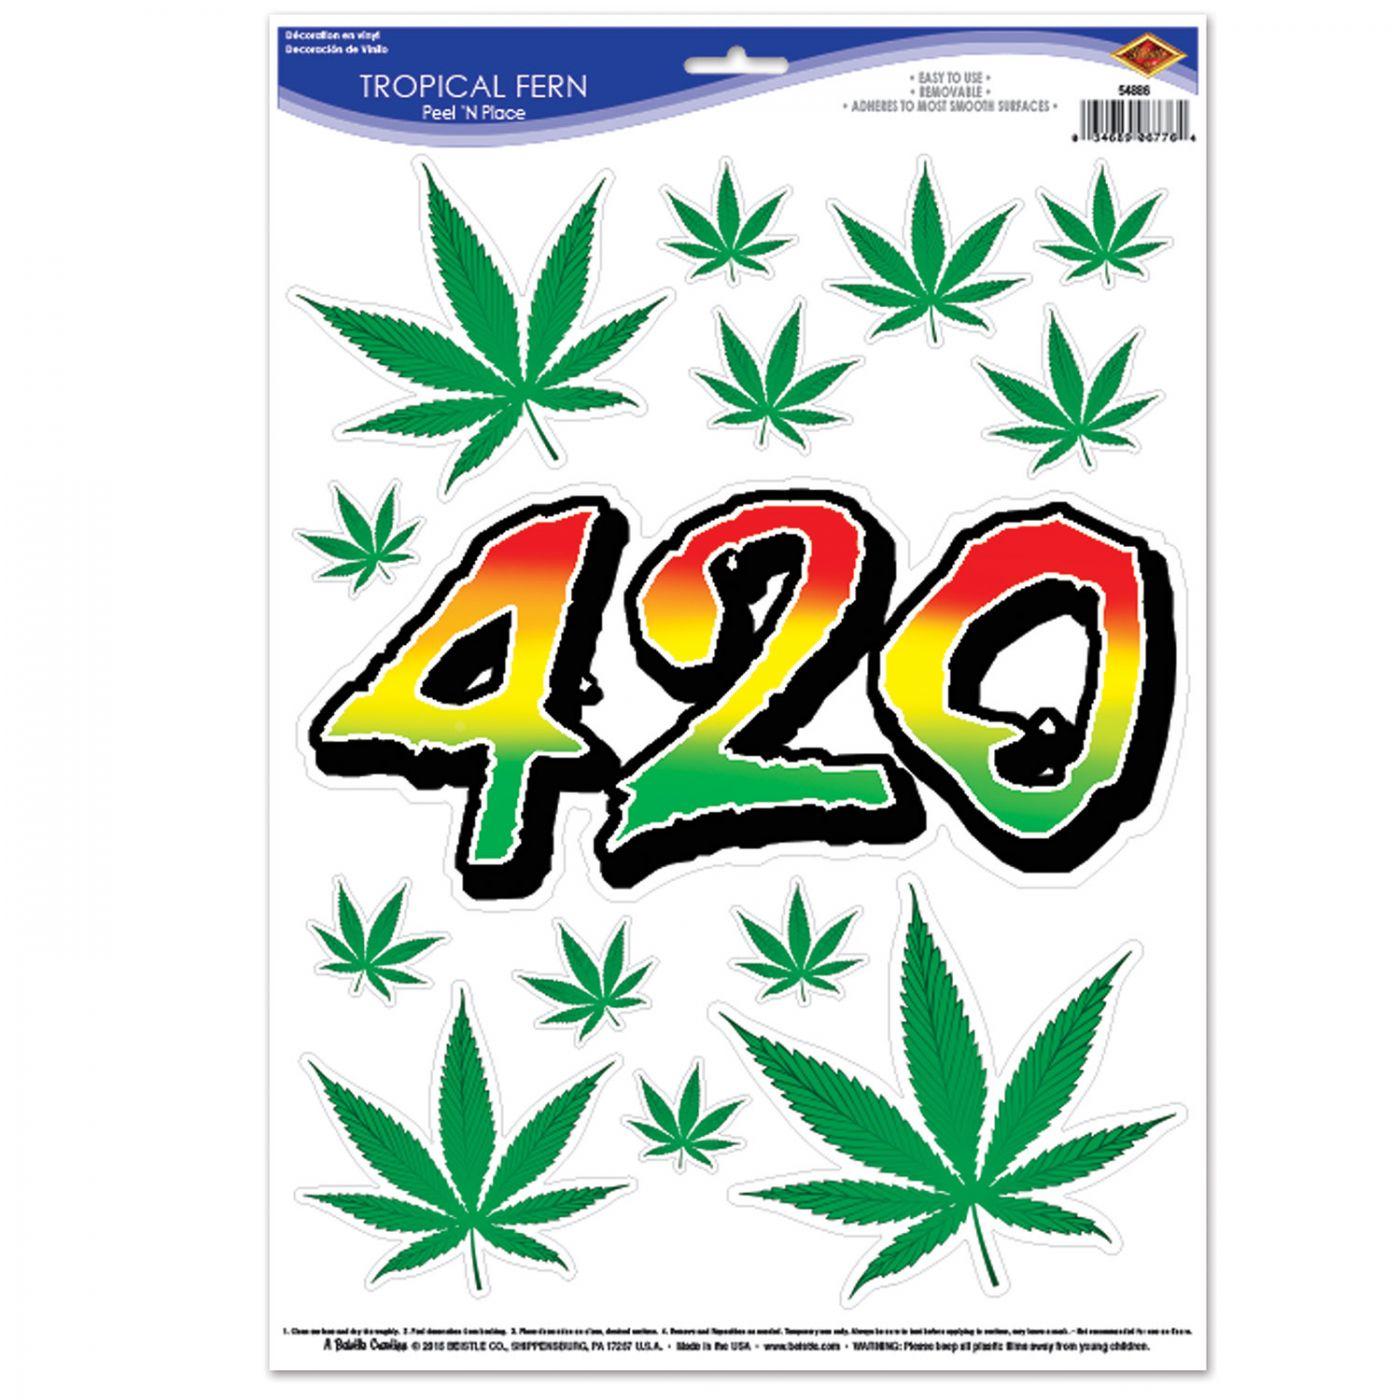 420 Peel 'N Place image